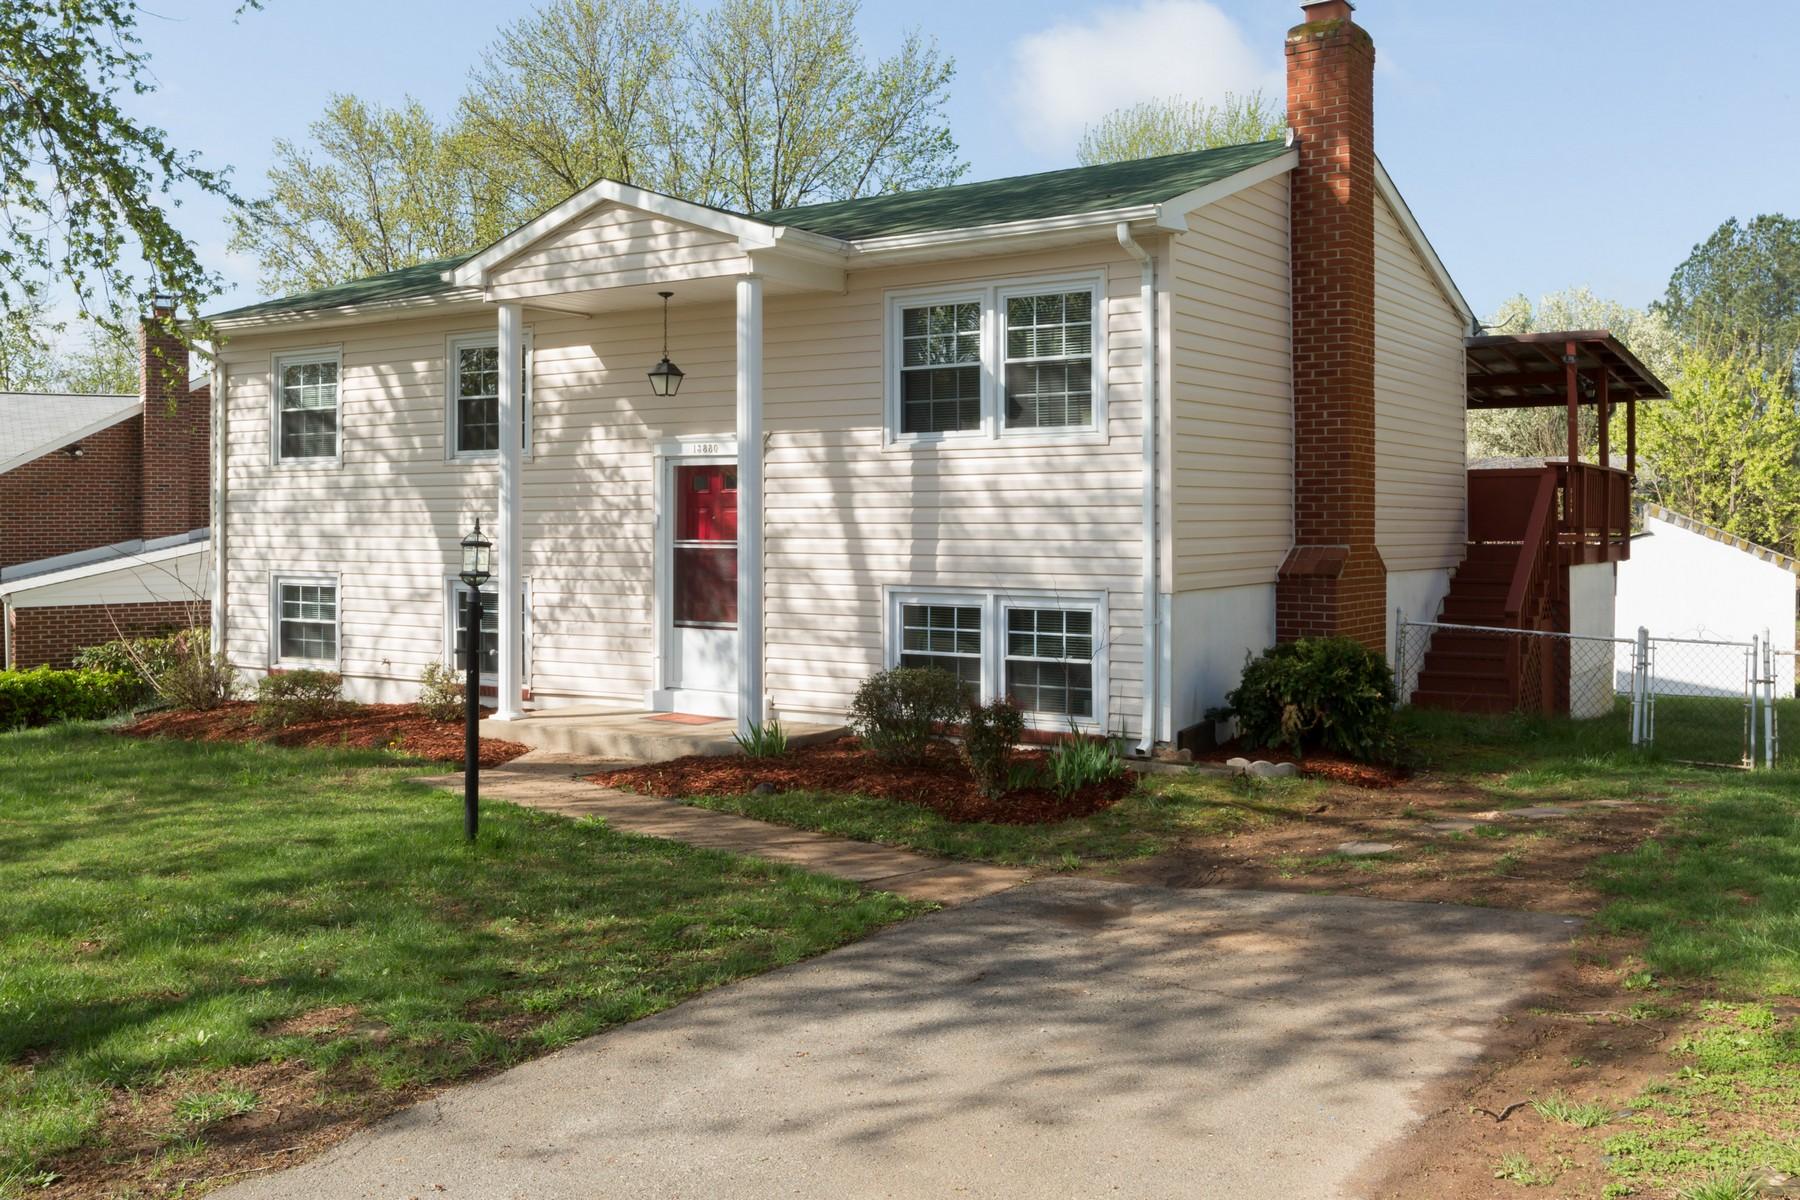 独户住宅 为 销售 在 13880 Langstone, Woodbridge 13880 Langstone Dr Woodbridge, 弗吉尼亚州 22193 美国